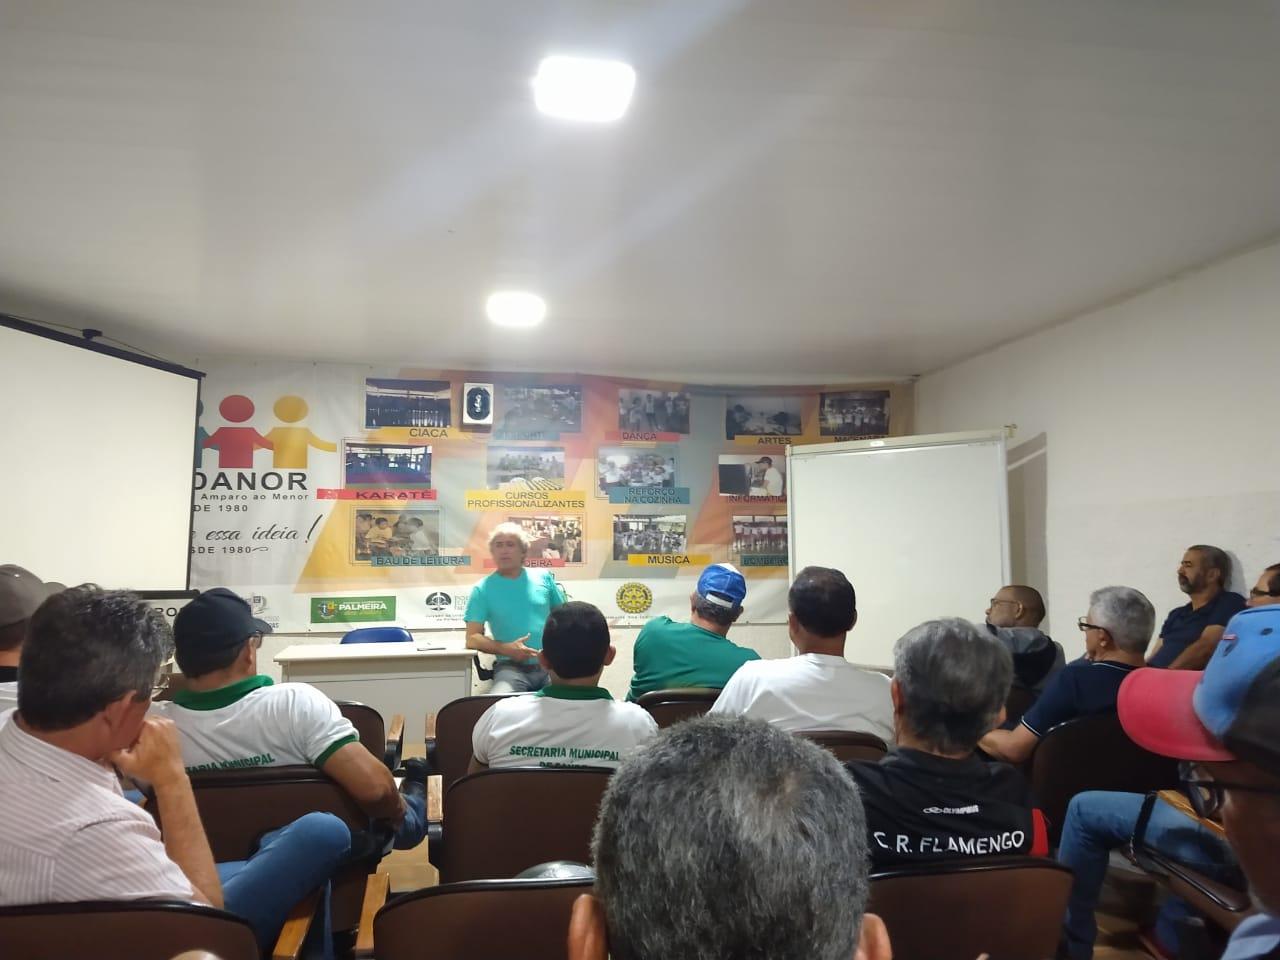 Servidores públicos de Alagoas se reúnem para discutir questões da categoria